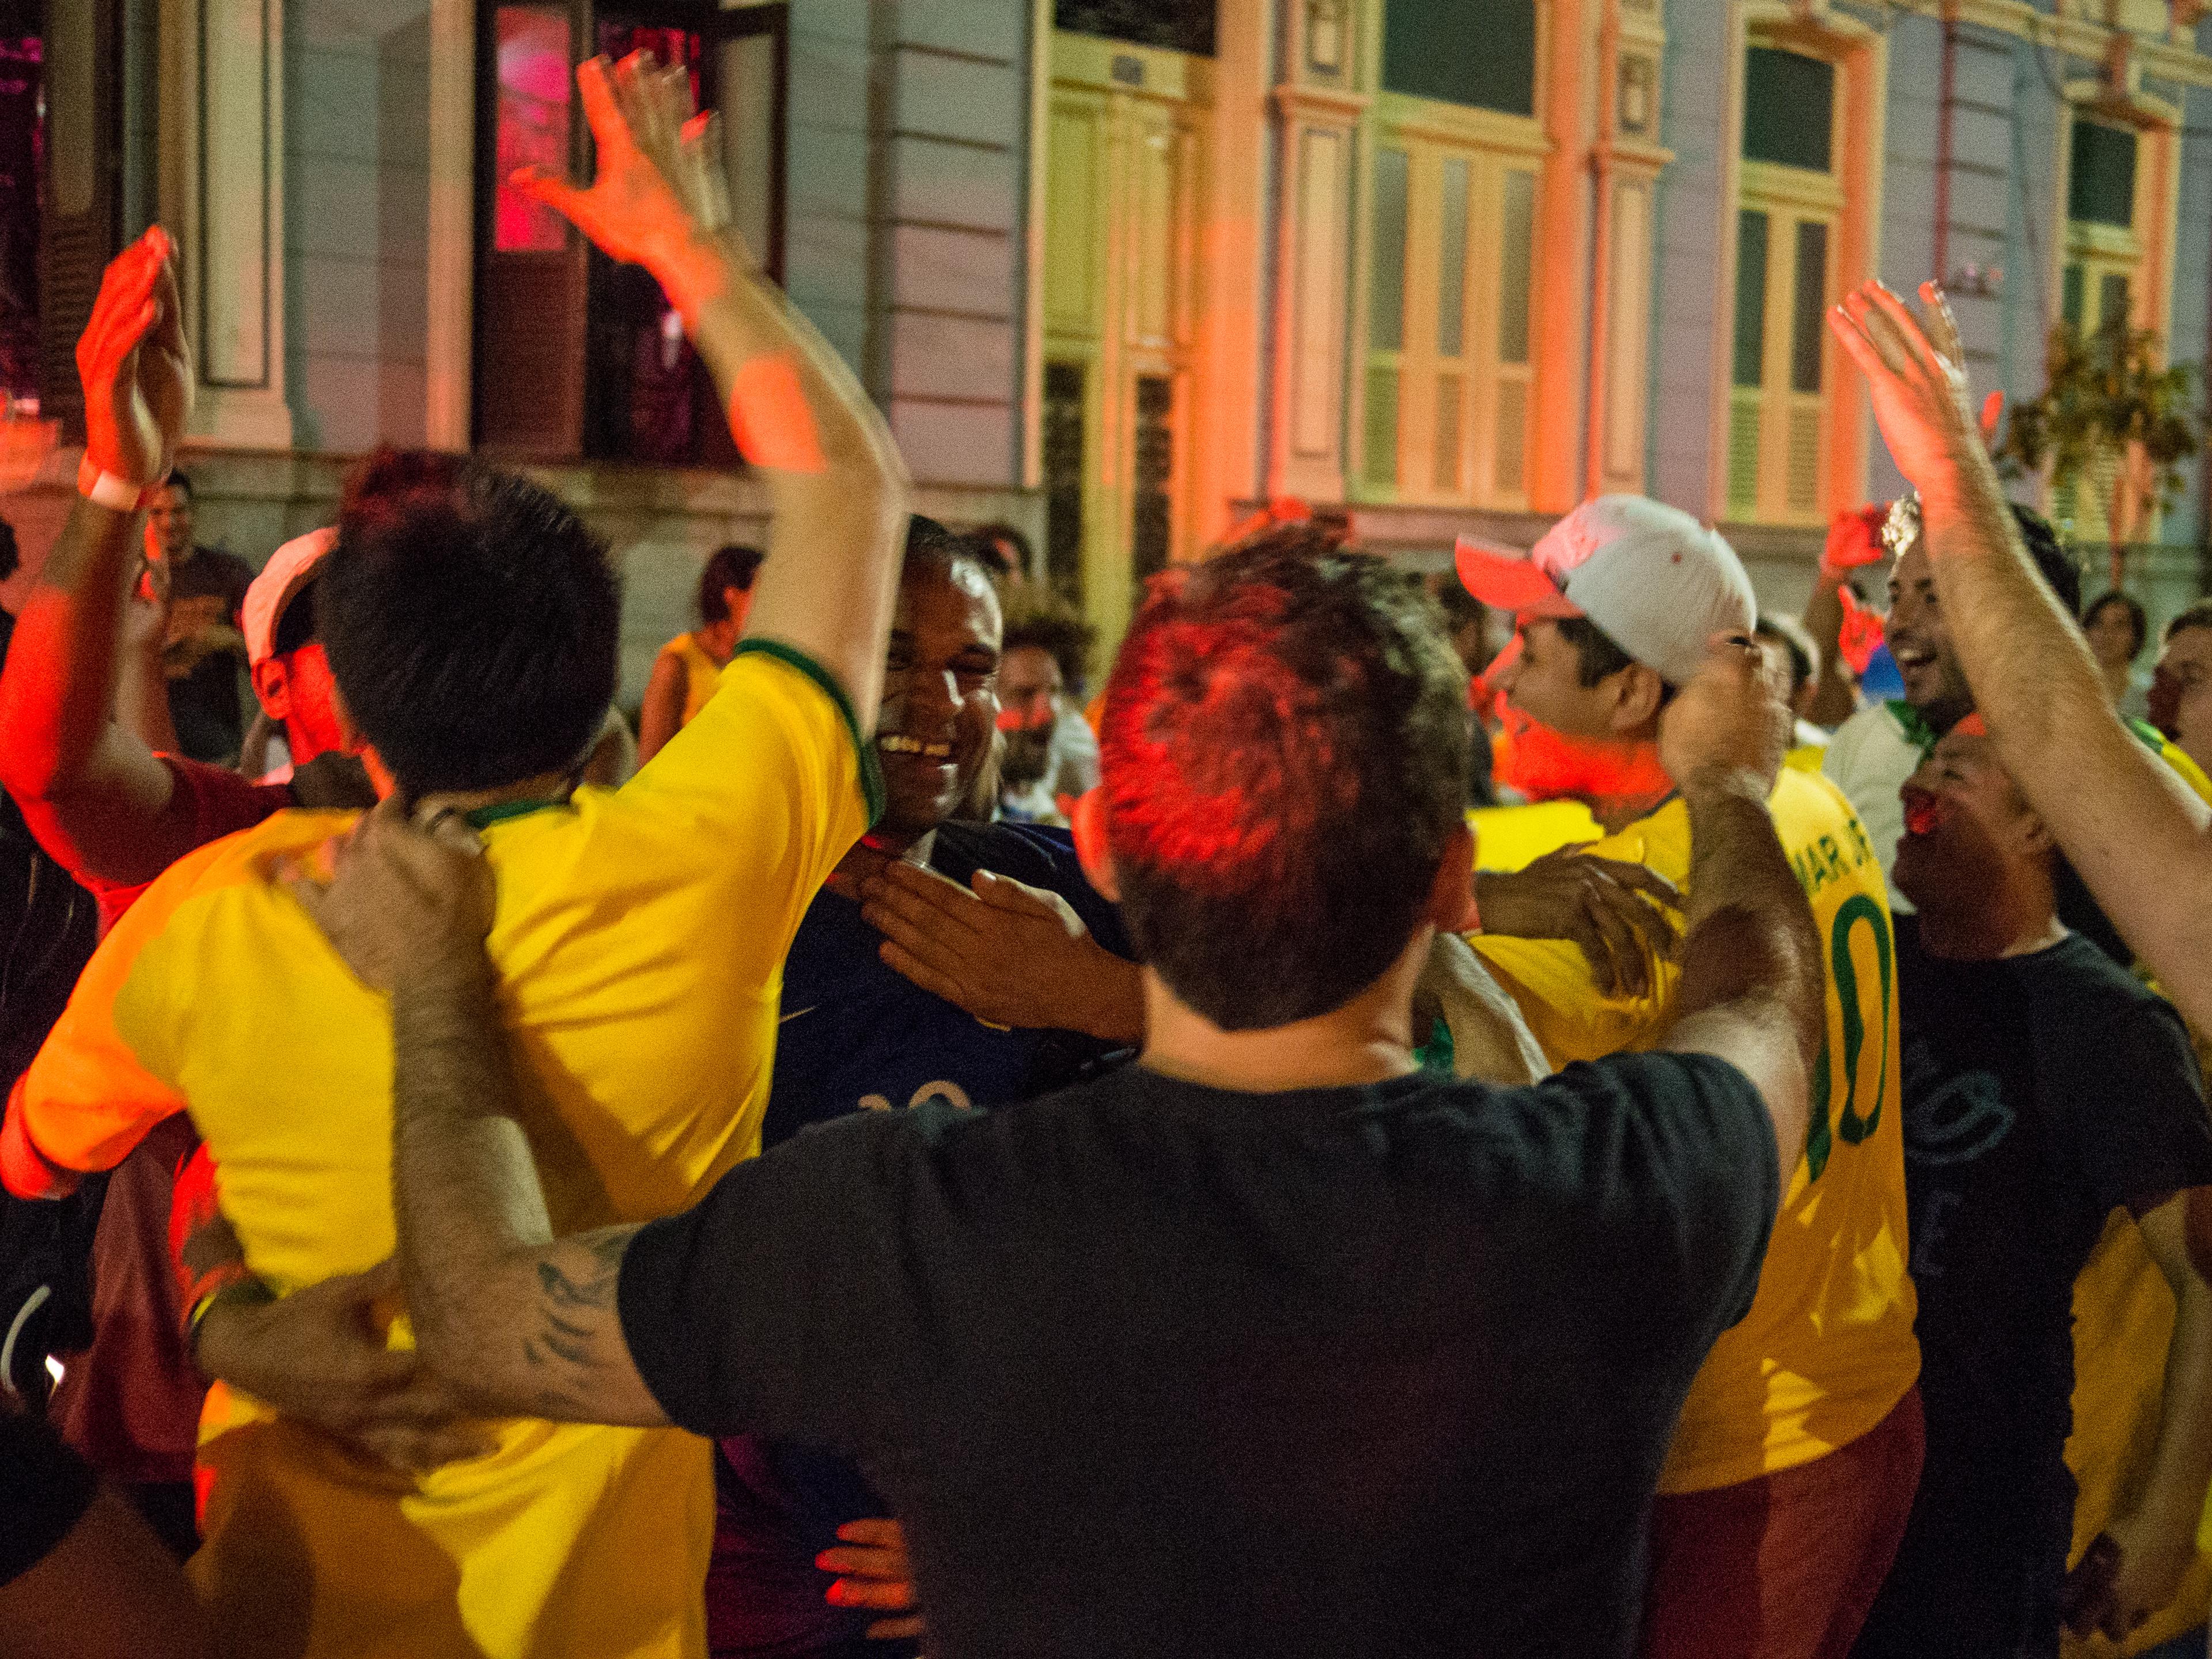 bresil-mondial-football-2014-15